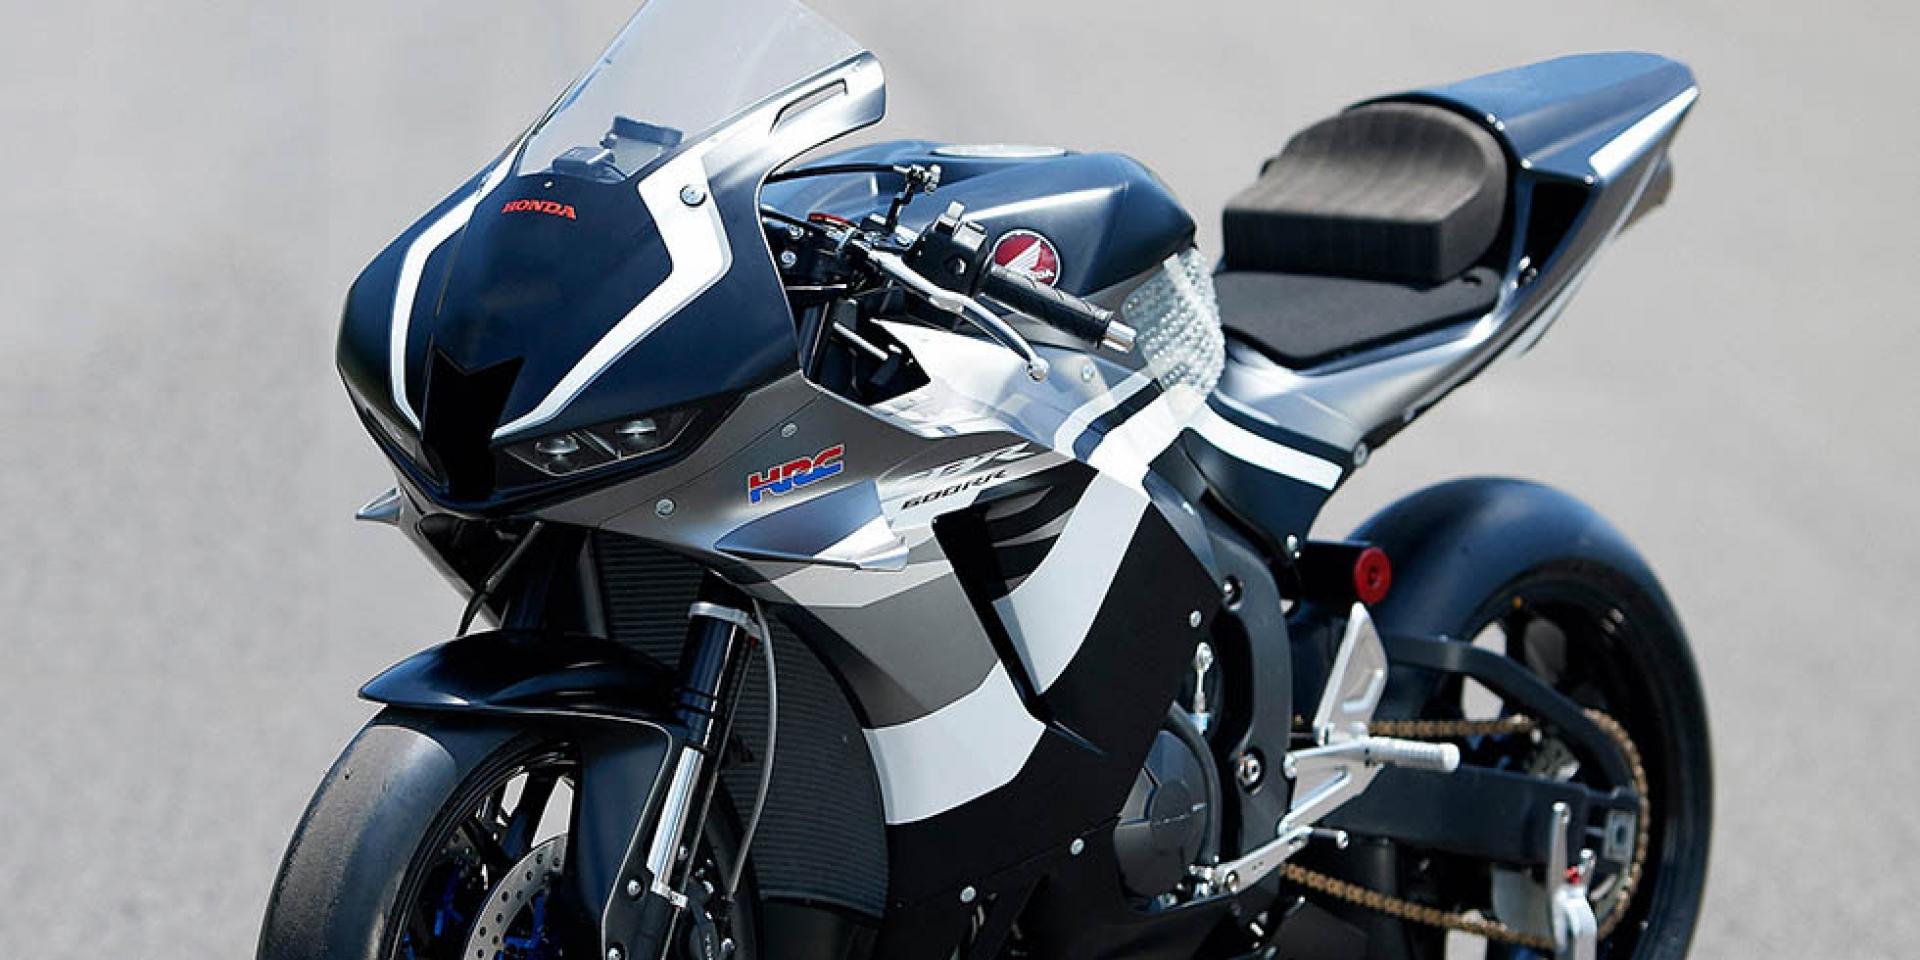 為了戰鬥而生 衍生版本CBR600RR!HRC賽道專屬版,公道禁止 性能更強